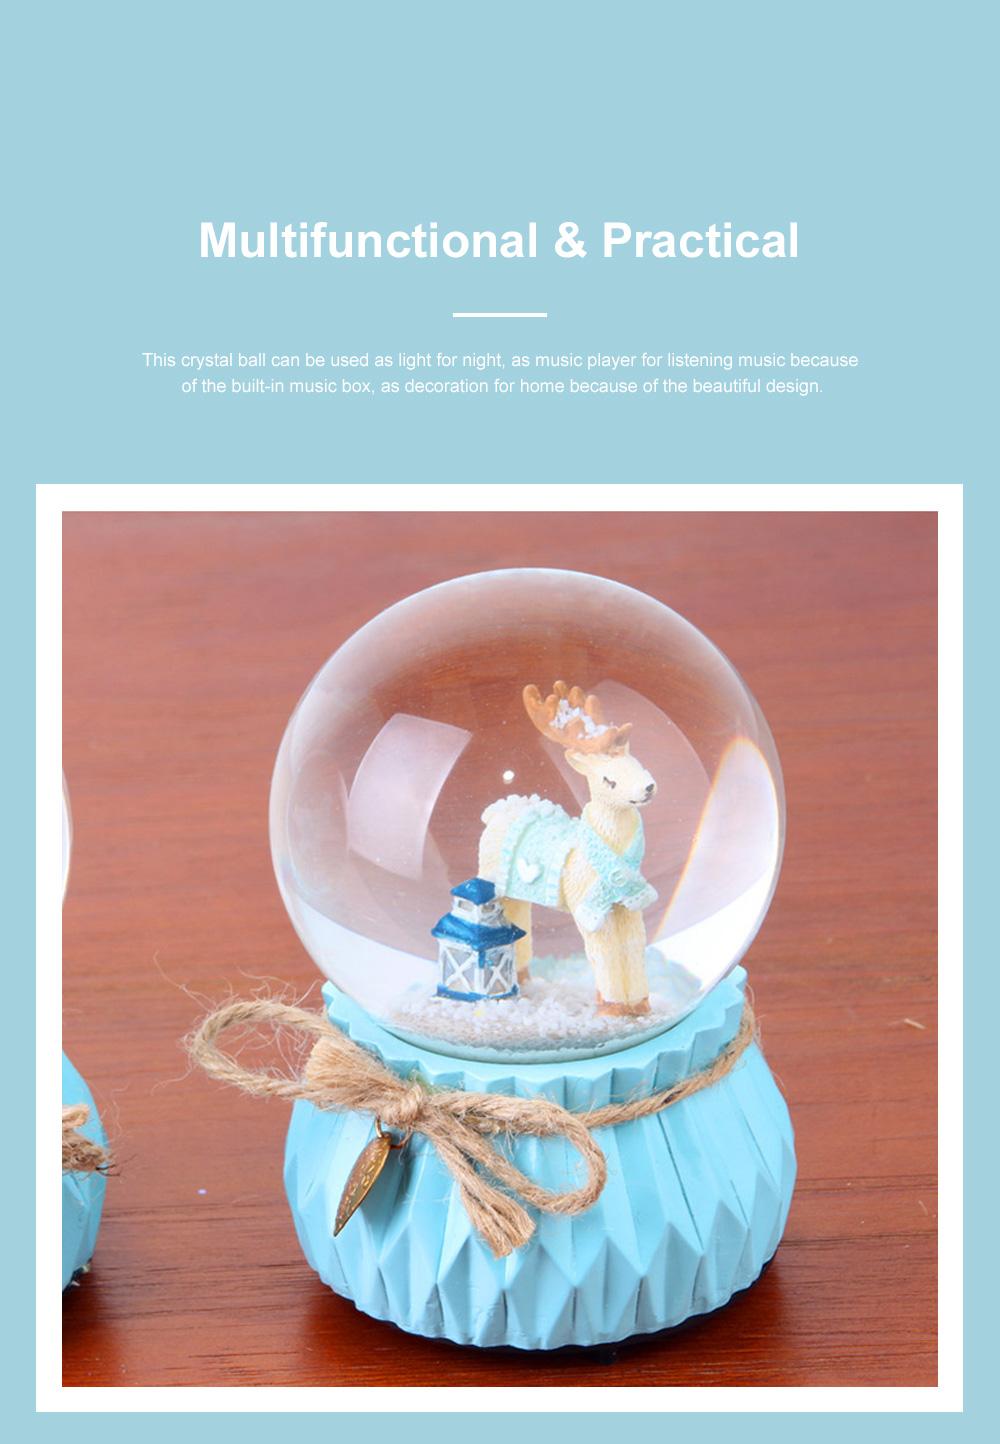 Deer Crystal Ball Rotating Musical Box Resin Base Snowflake Craft Ball for Birthday Gift Christmas Decoration 2